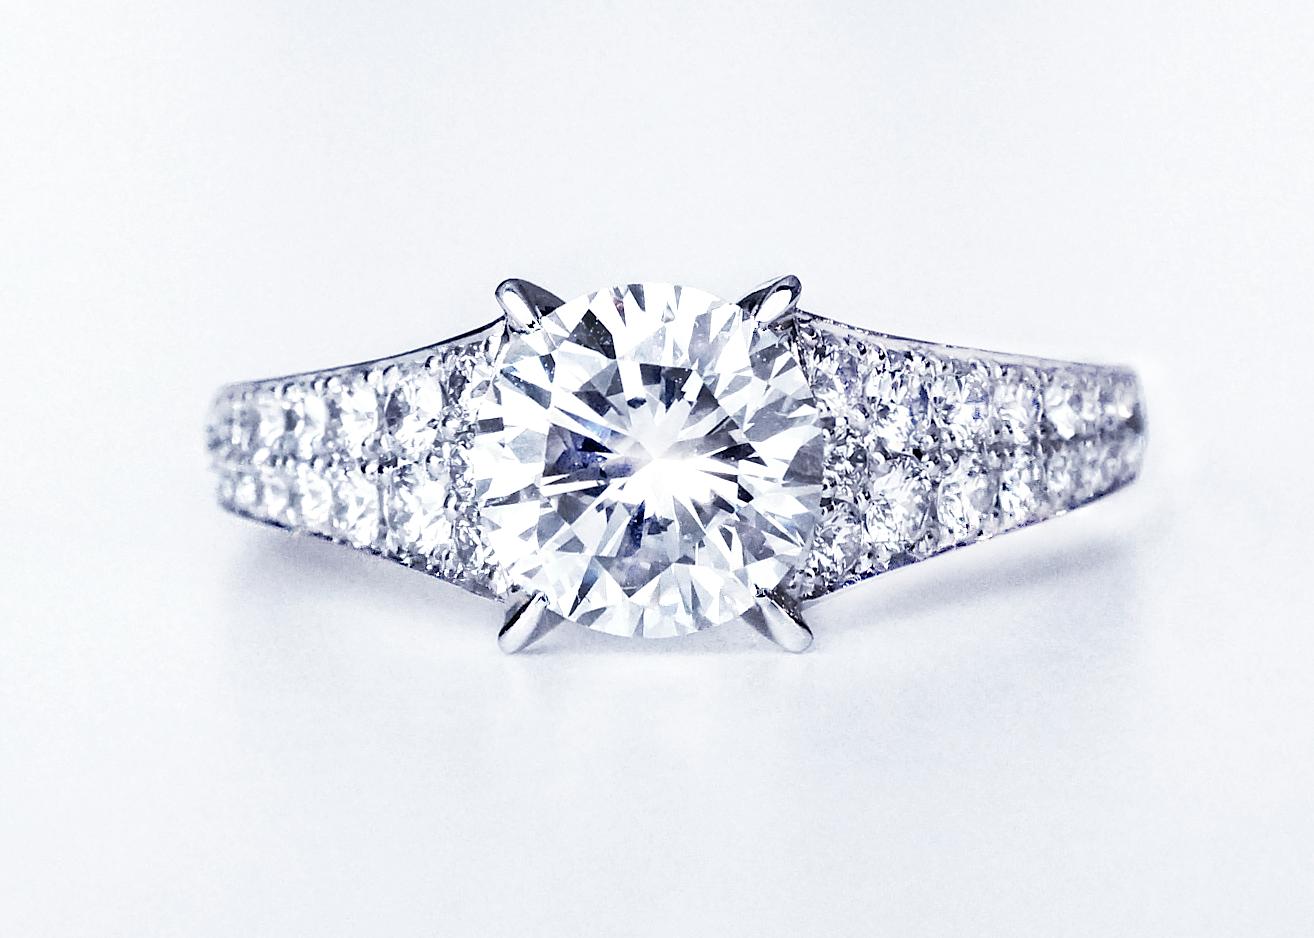 銀座ジュエリーサロンで世界で1つだけのリングを作る。